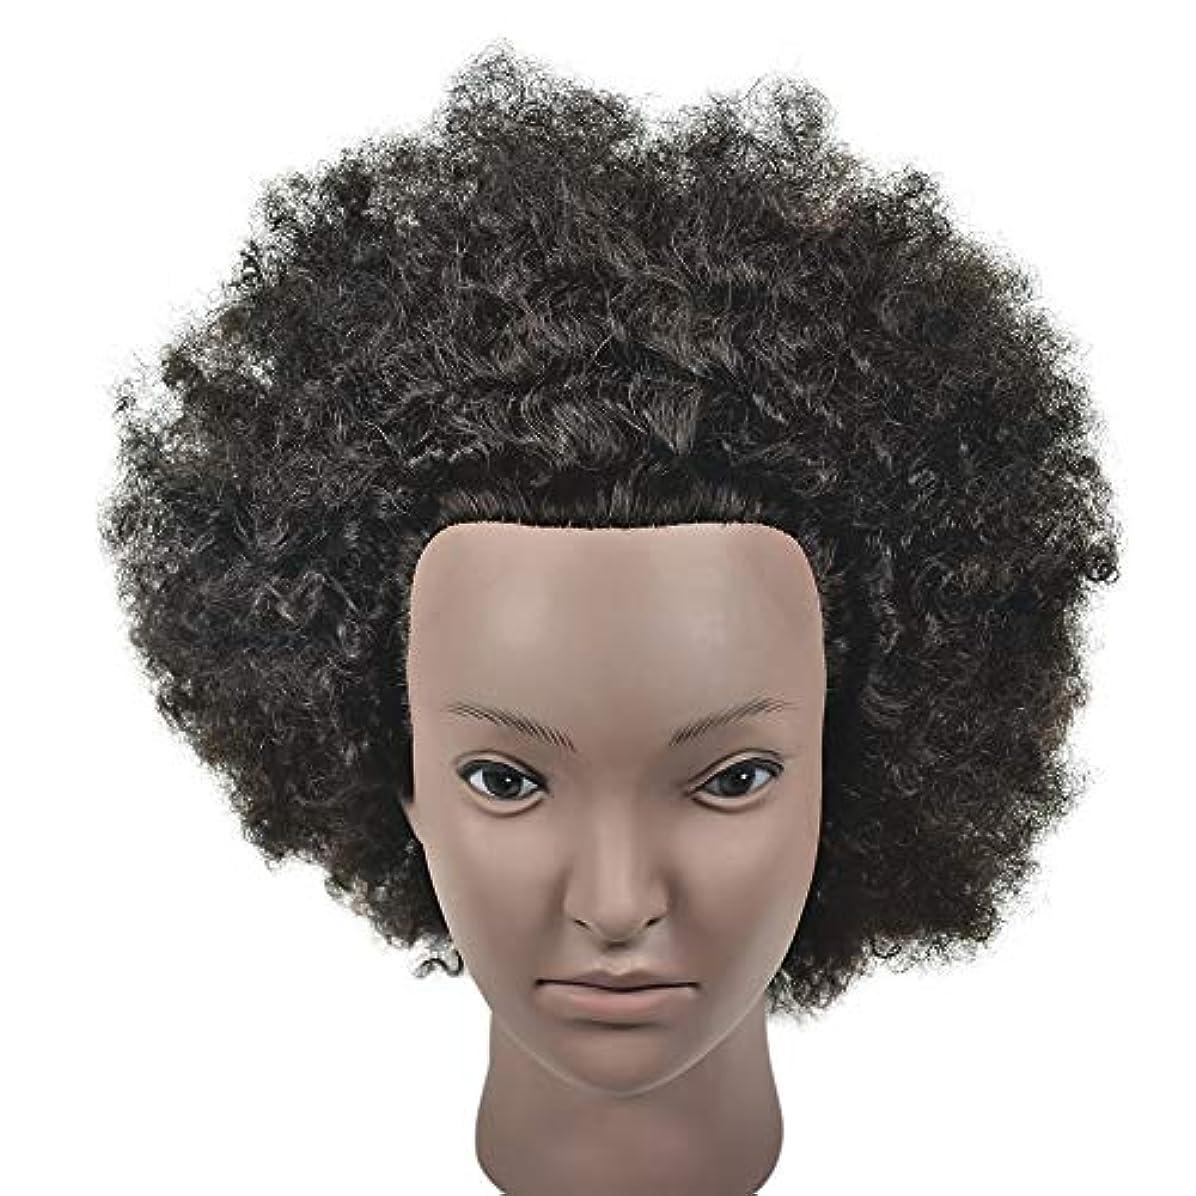 流故意に反逆理髪店トリミングヘアエクササイズヘッドモールドメイクモデリング学習マネキンダミー爆発ヘッドブラック